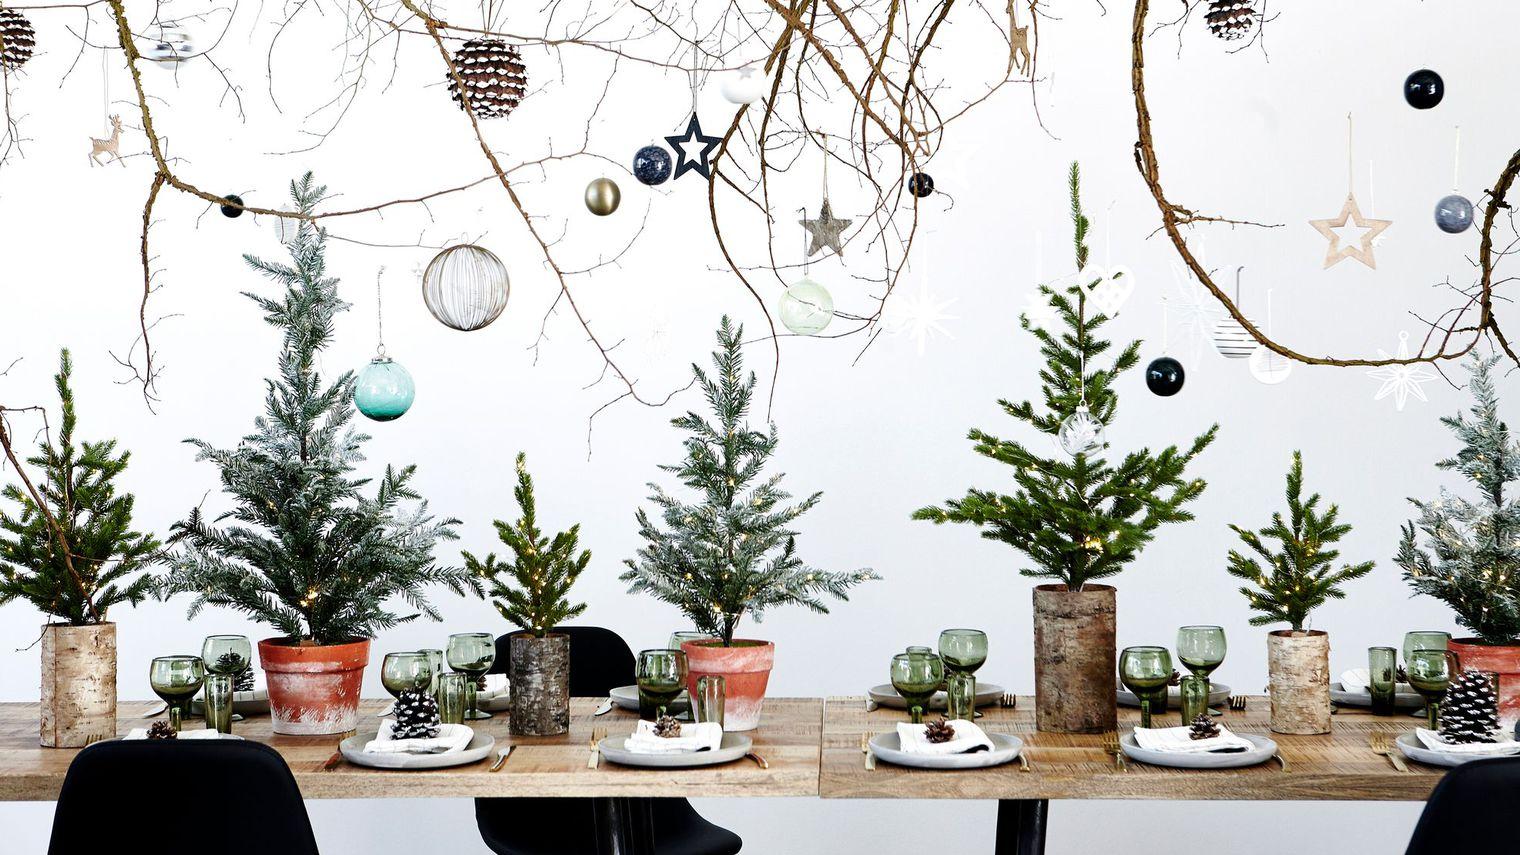 #6B452F Les Jouets De Noel à Petits Prix : Vente Privée  6111 décoration de noel vente privée 1520x855 px @ aertt.com